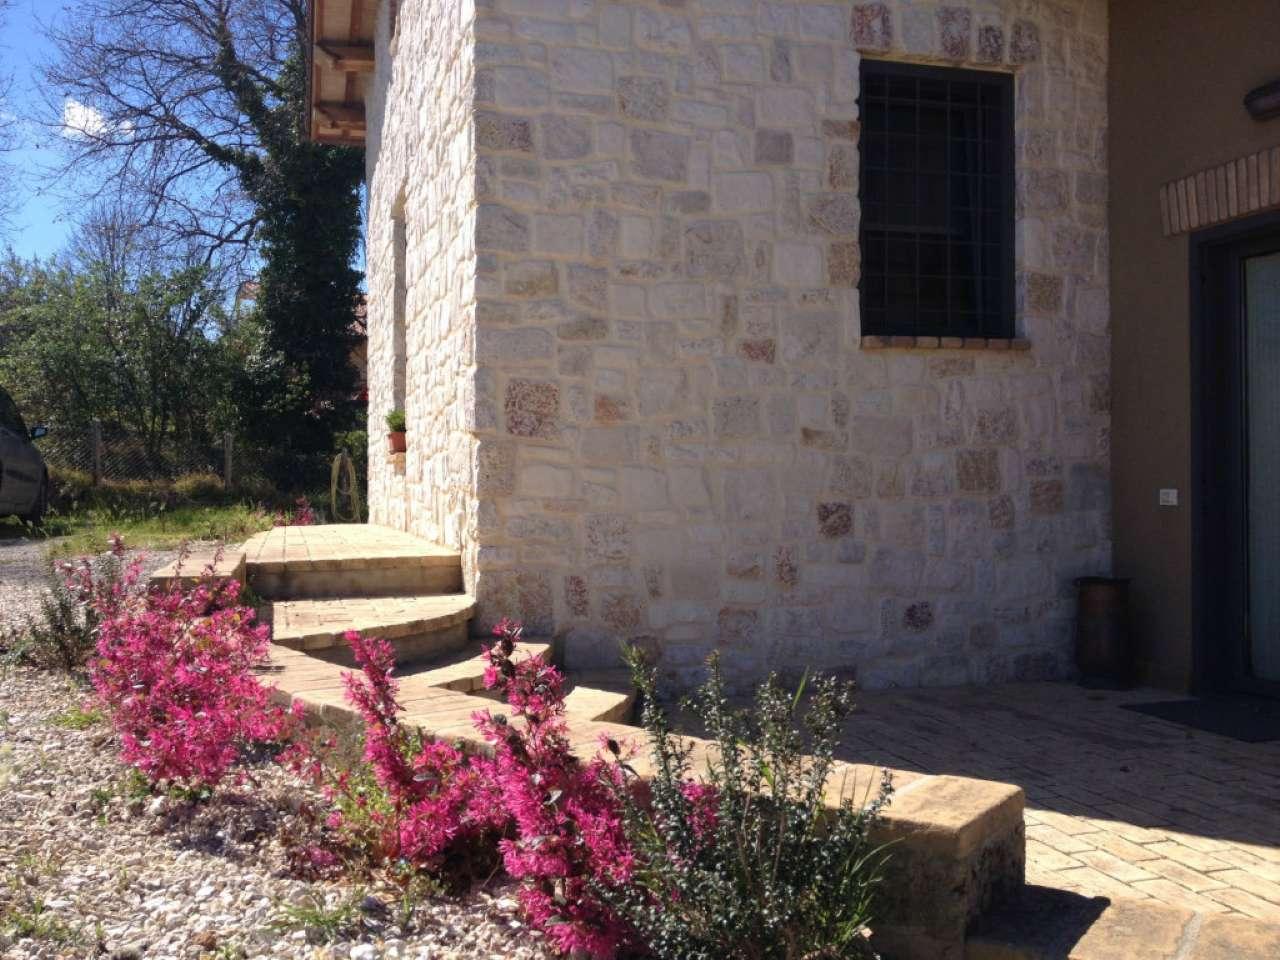 Villa in vendita a Casperia, 6 locali, prezzo € 348.000 | CambioCasa.it